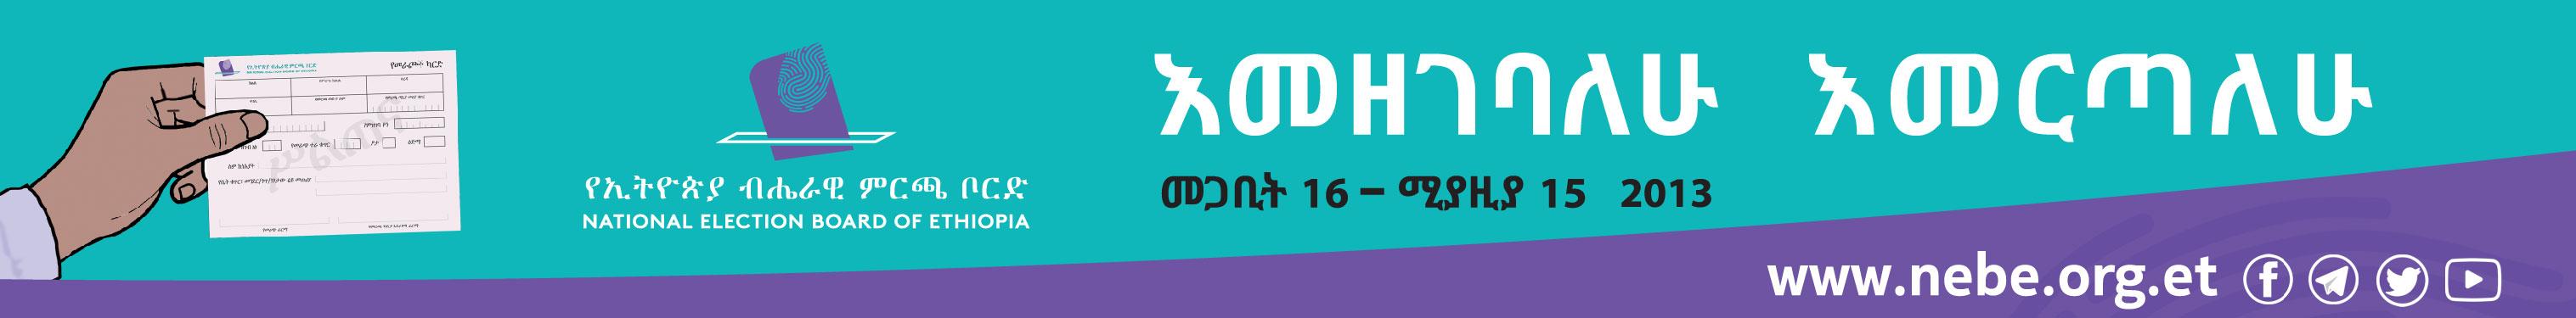 Addis Maleda